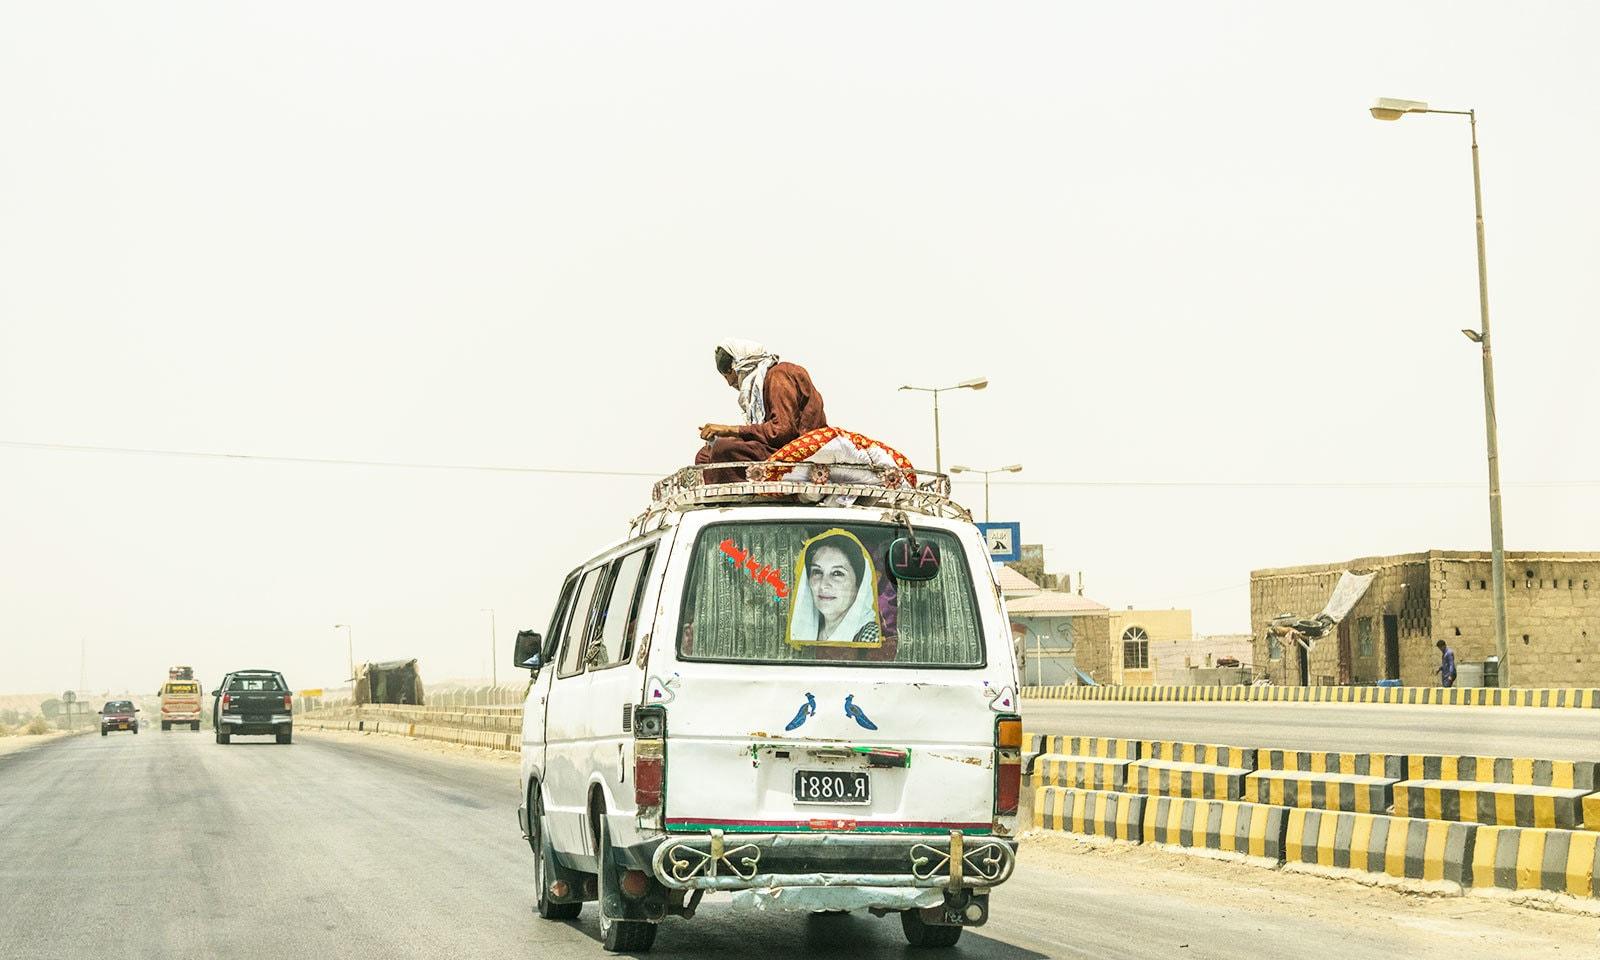 سندھ بھر میں پبلک ٹرانسپورٹ کی جانب سے قوانین کی خلاف ورزی معمول کی بات ہے—فوٹو: شٹر اسٹاک